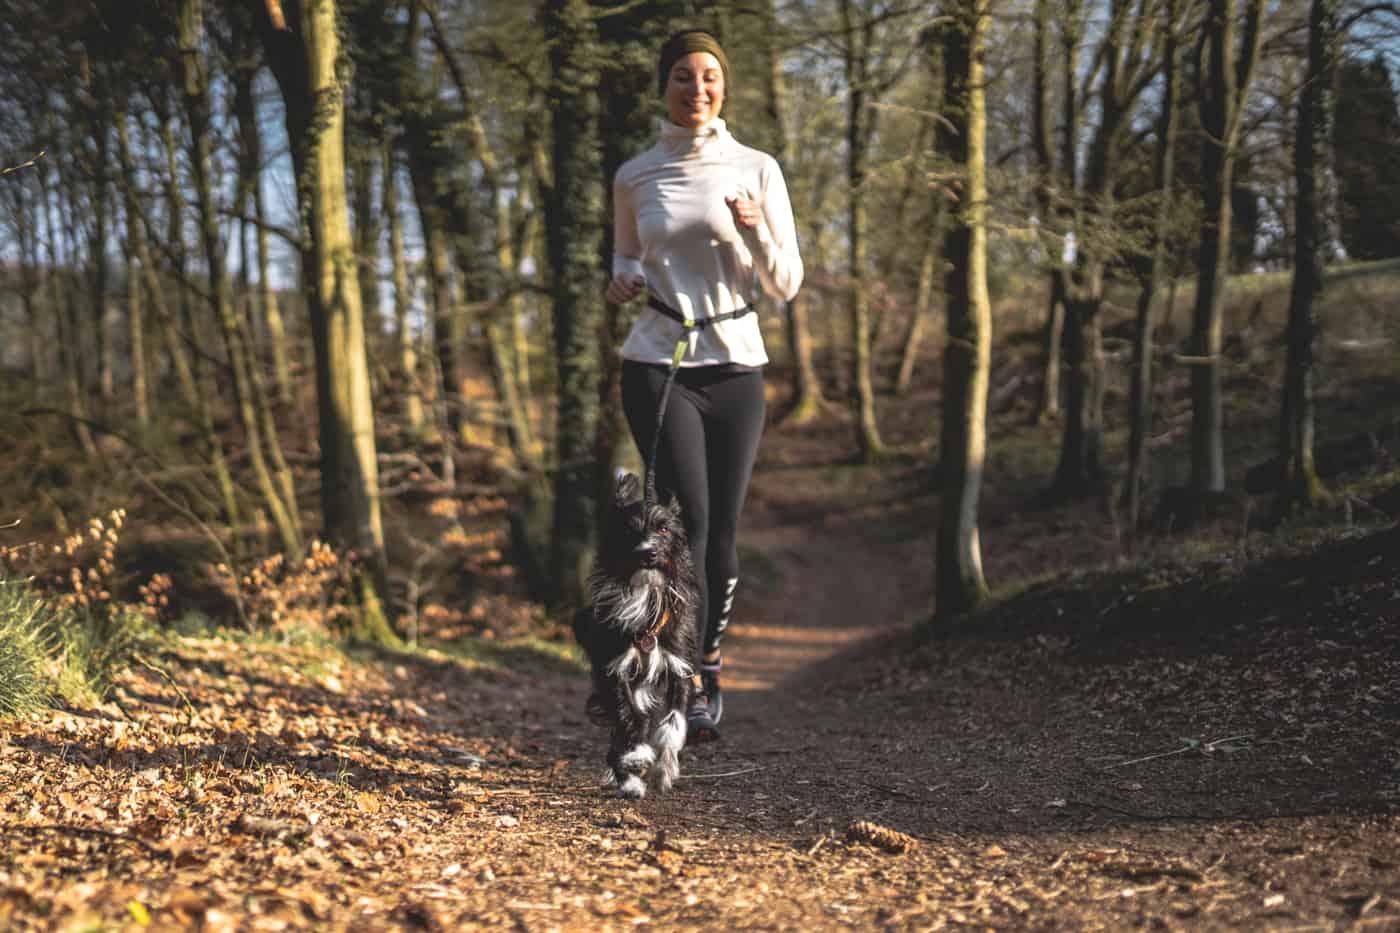 Laufen mit Hund - meine Tipps & Erfahrungen + Trainingsanleitung